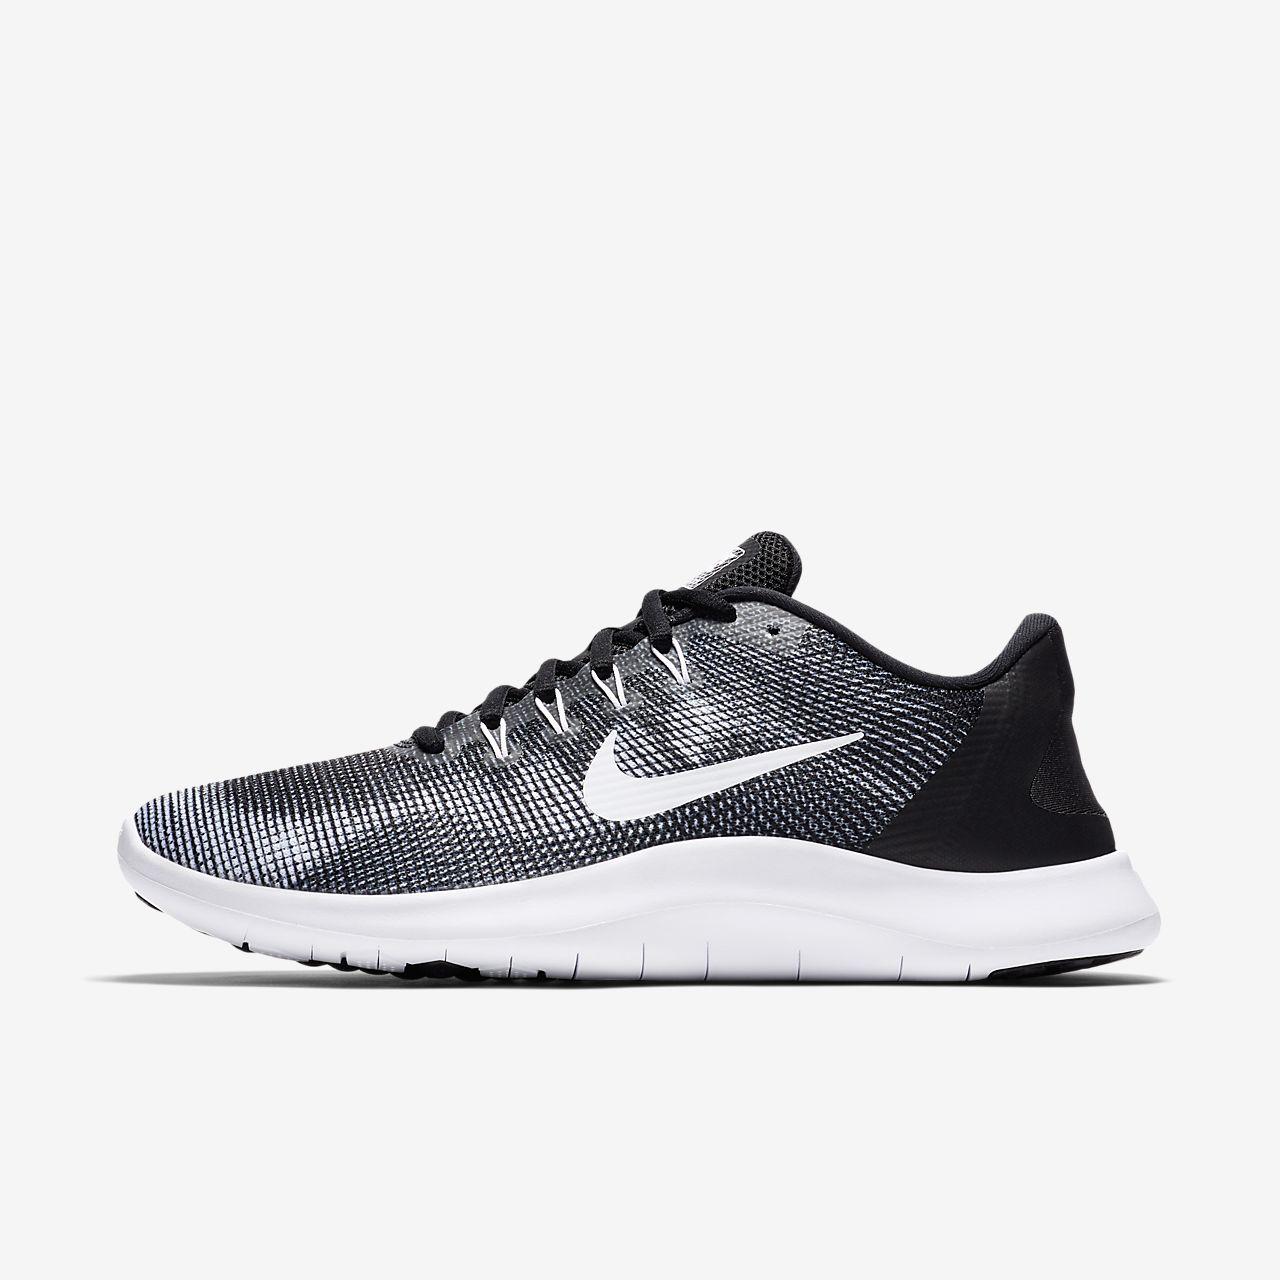 nouveau à vendre Nike Libre 3 0 Flyknit Mens Uk Sandales Marine Mousse  Statique Walmart sortie